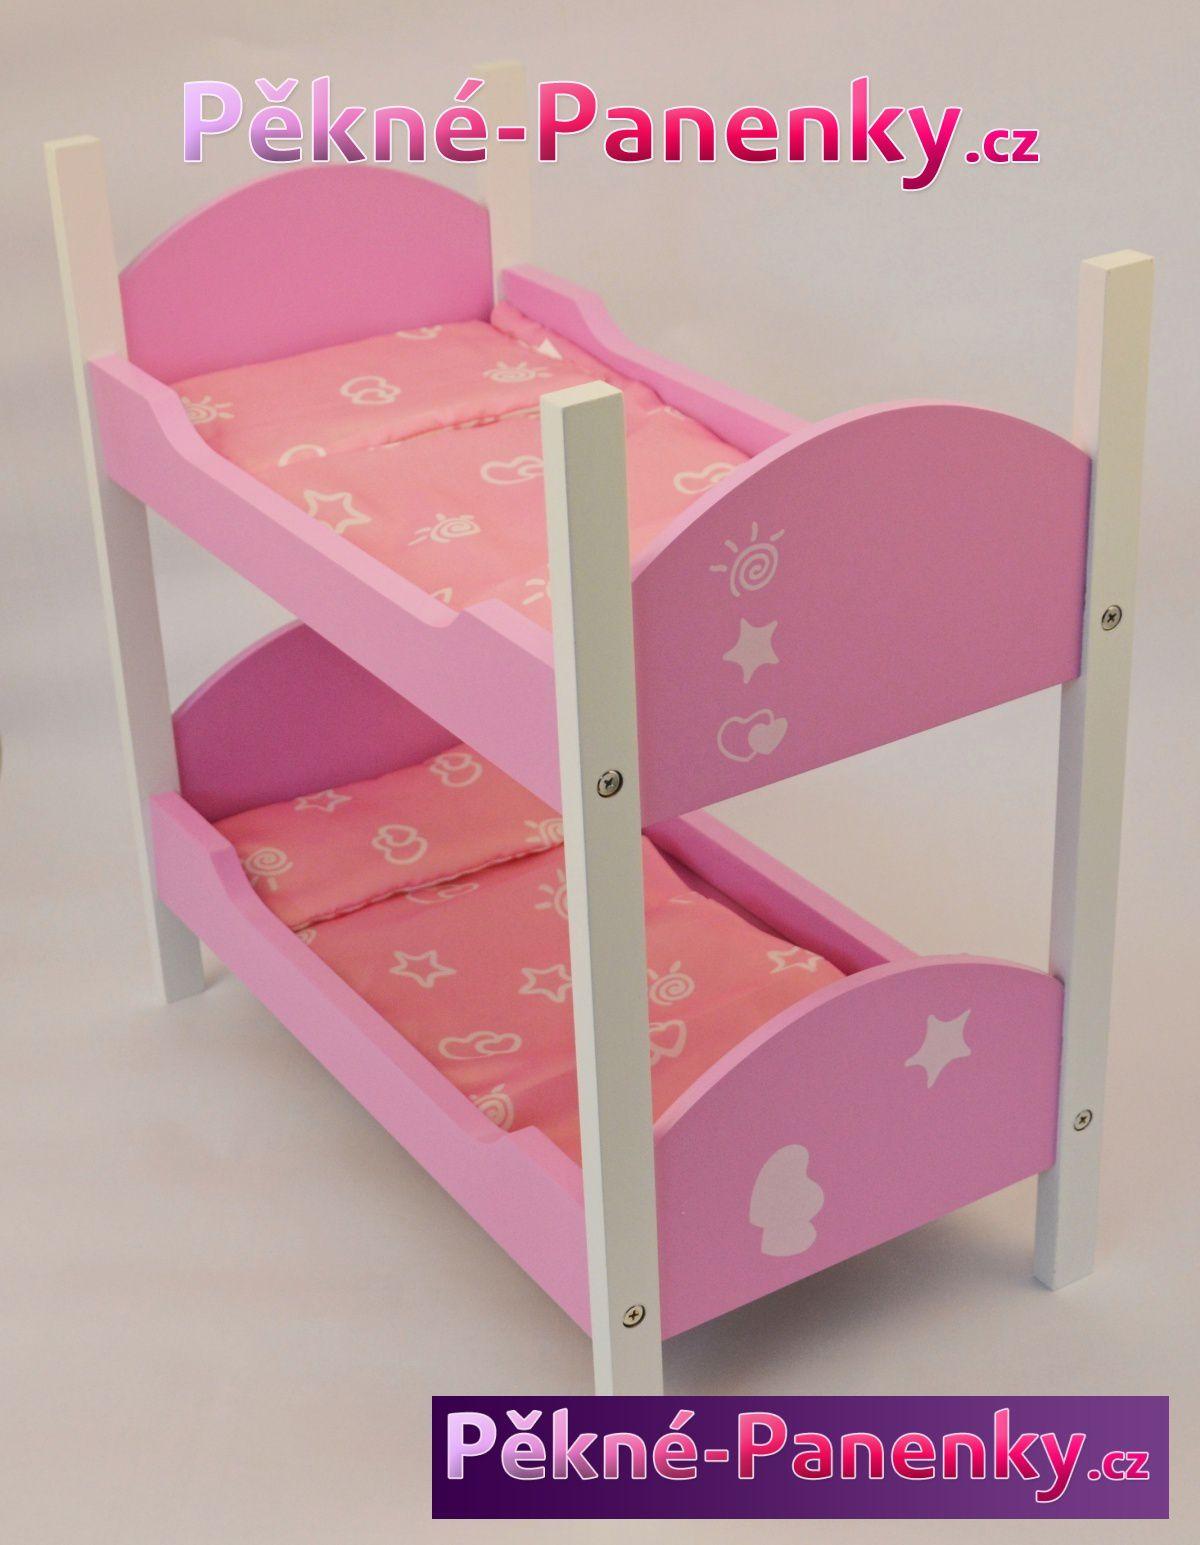 originalní španělské panenky pro děti levná patrová postýlka pro panenky, kvalitní nábytek pro panenky, hračky a dárky pro holčičky, cestovní dvoupatrová postel Arias mluvící panenky ze Španělska pro děti